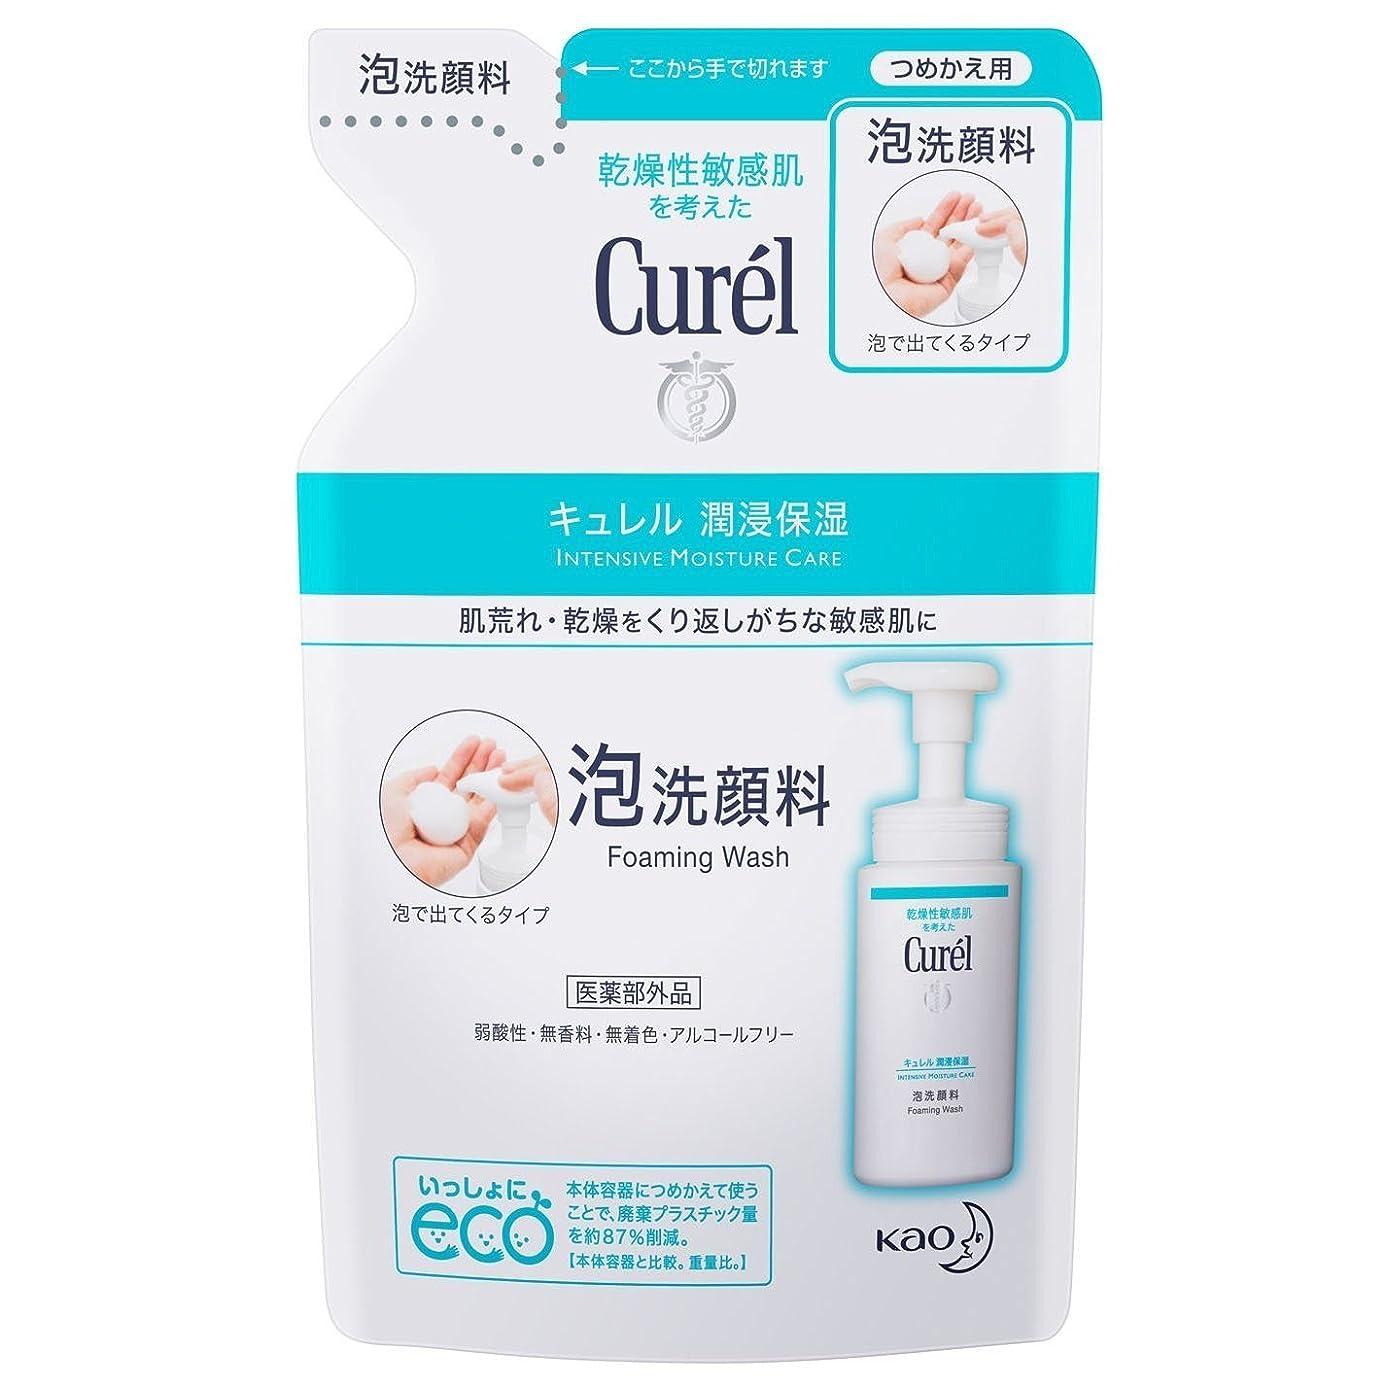 眉ノイズ調和【花王】Curel(キュレル) 泡洗顔料 つめかえ用 130ml ×5個セット